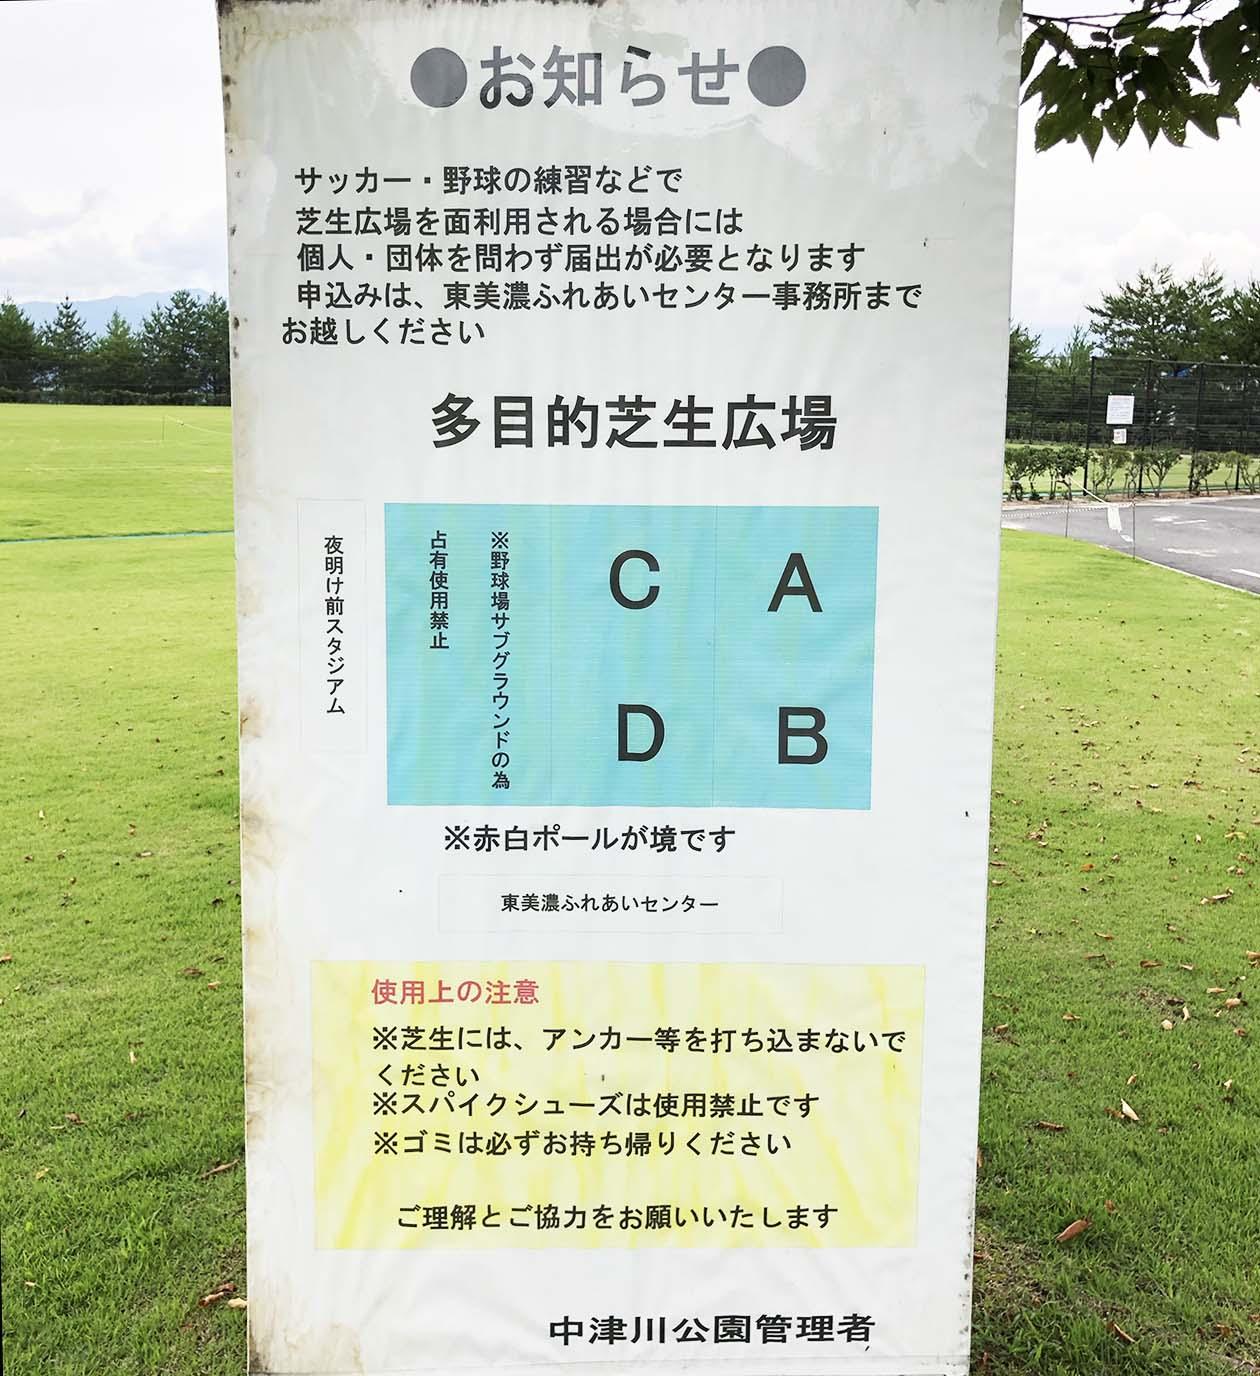 子供と遊ぶ公園中津川市の中津川公園の多目的芝生広場の案内